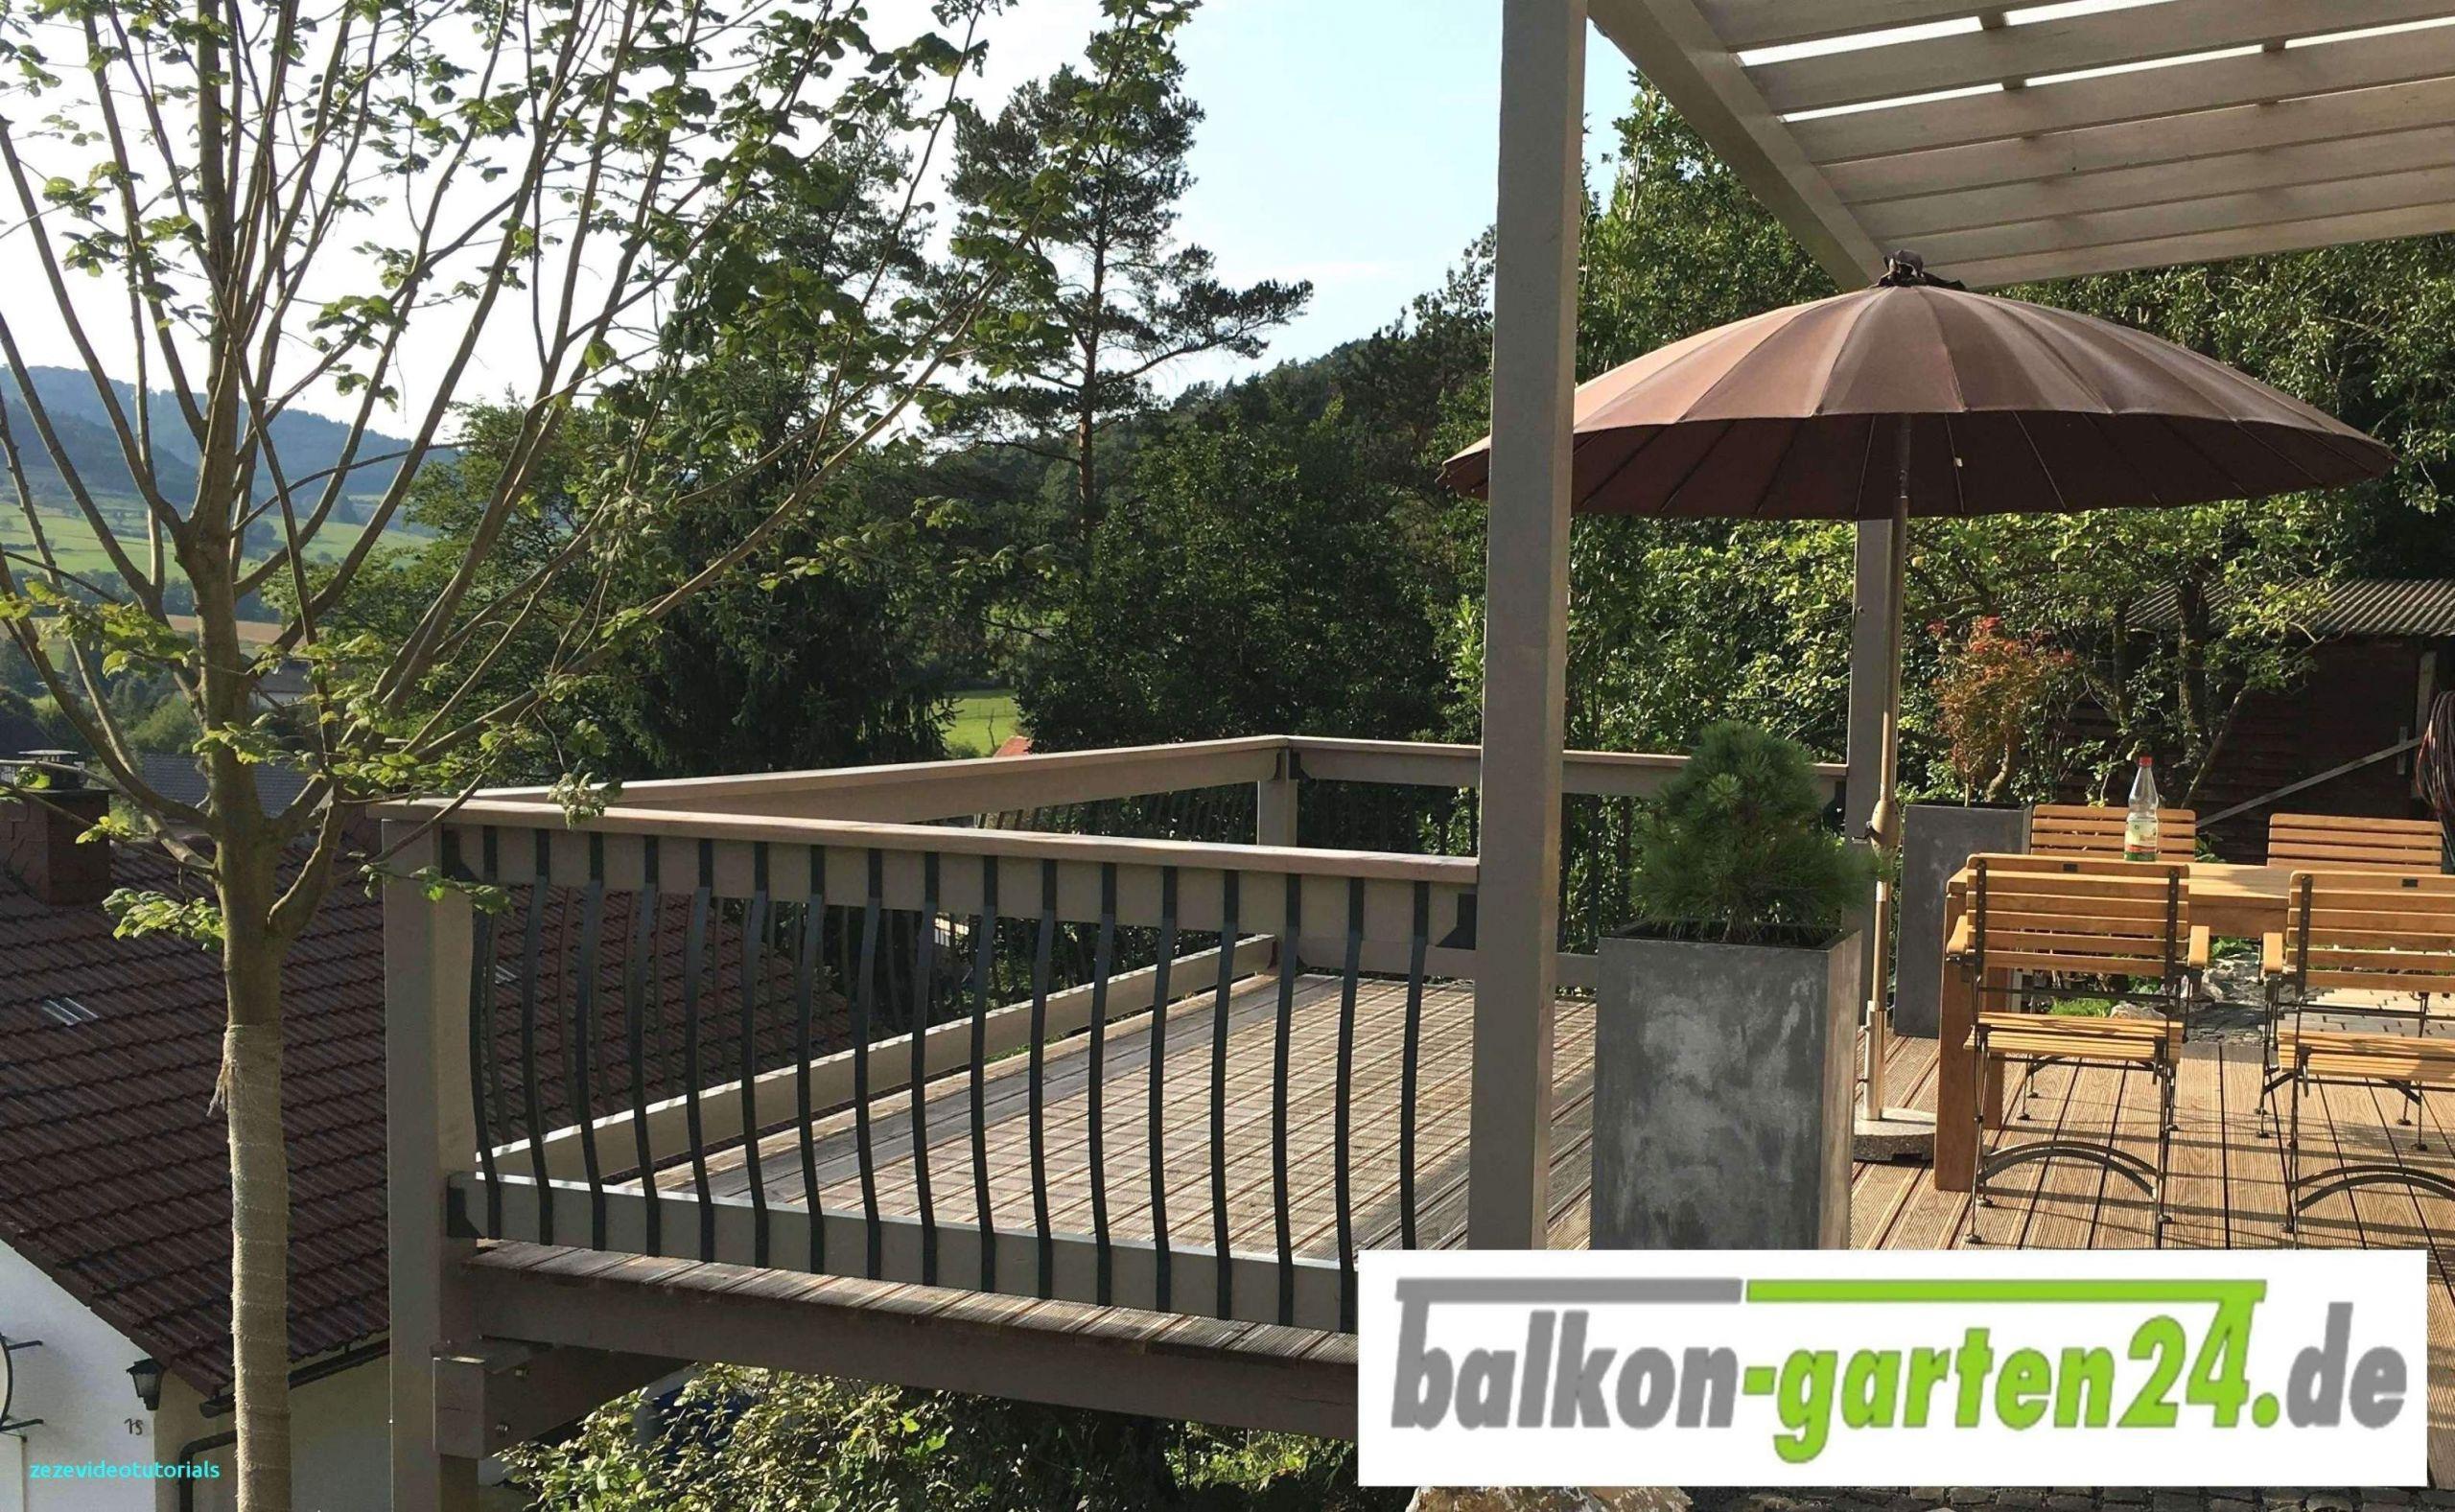 42 elegant windschutz fur balkon bild windschutz fur terrasse windschutz fur terrasse 1